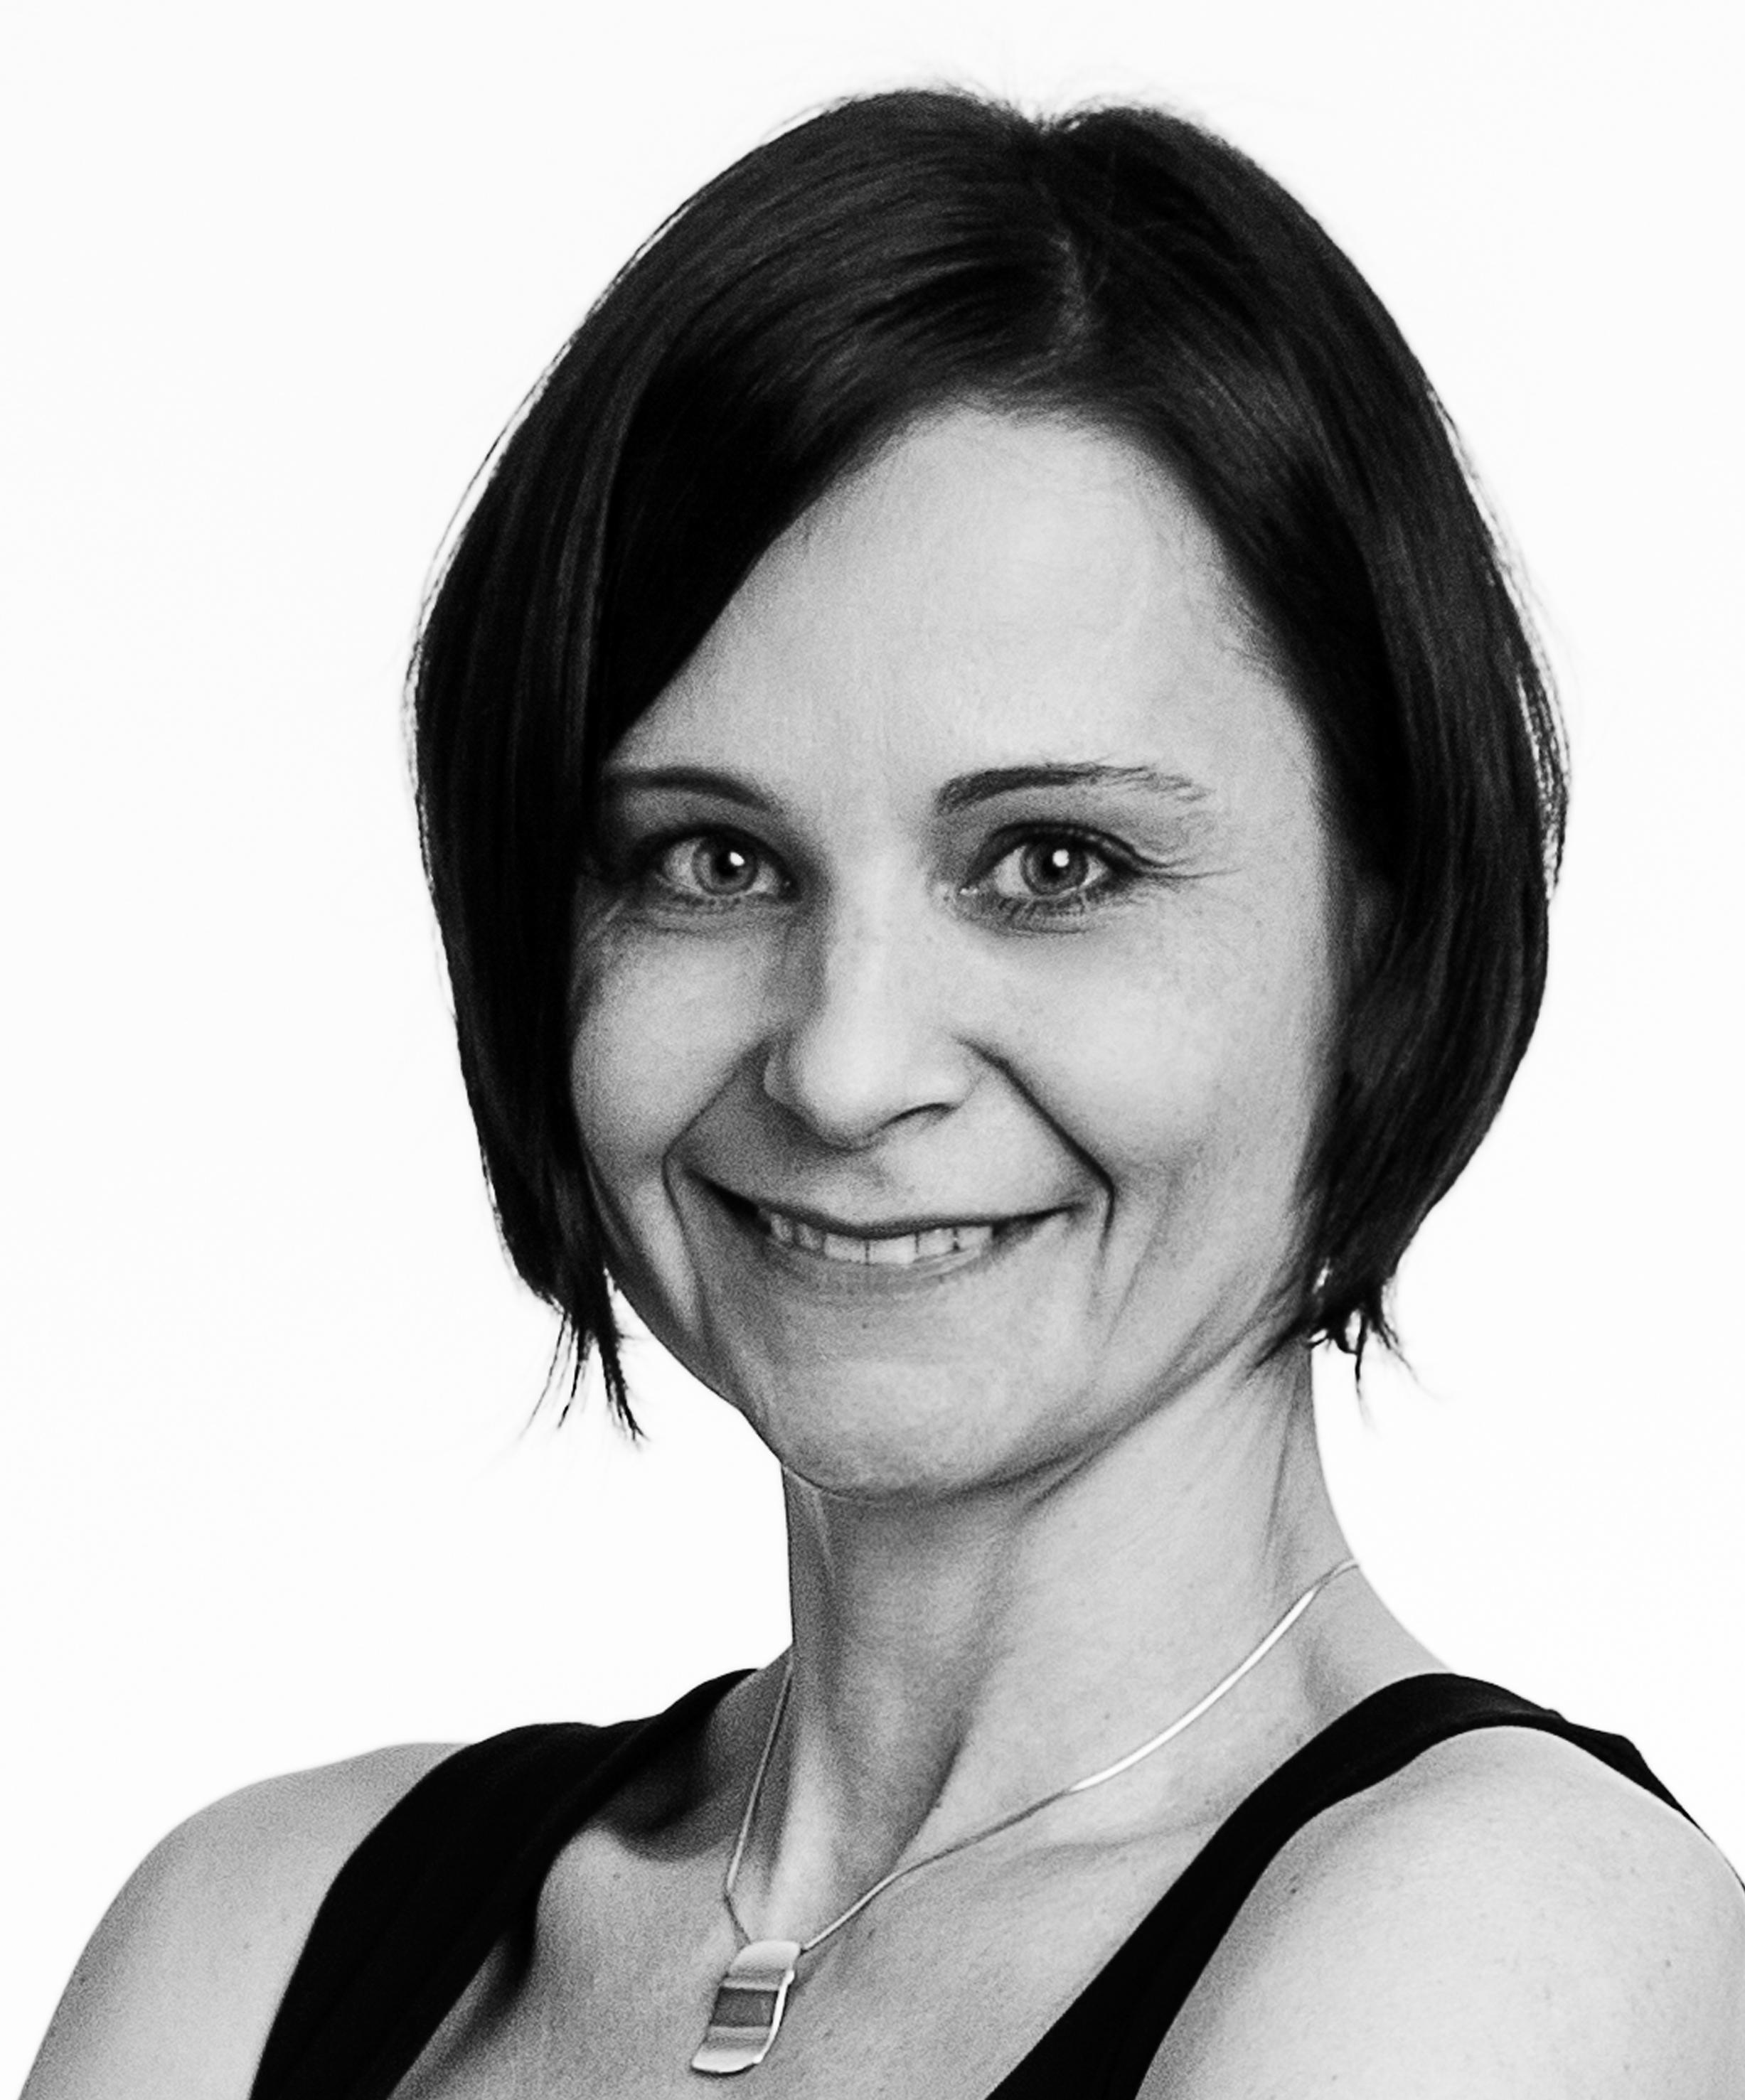 Iveta Beranová